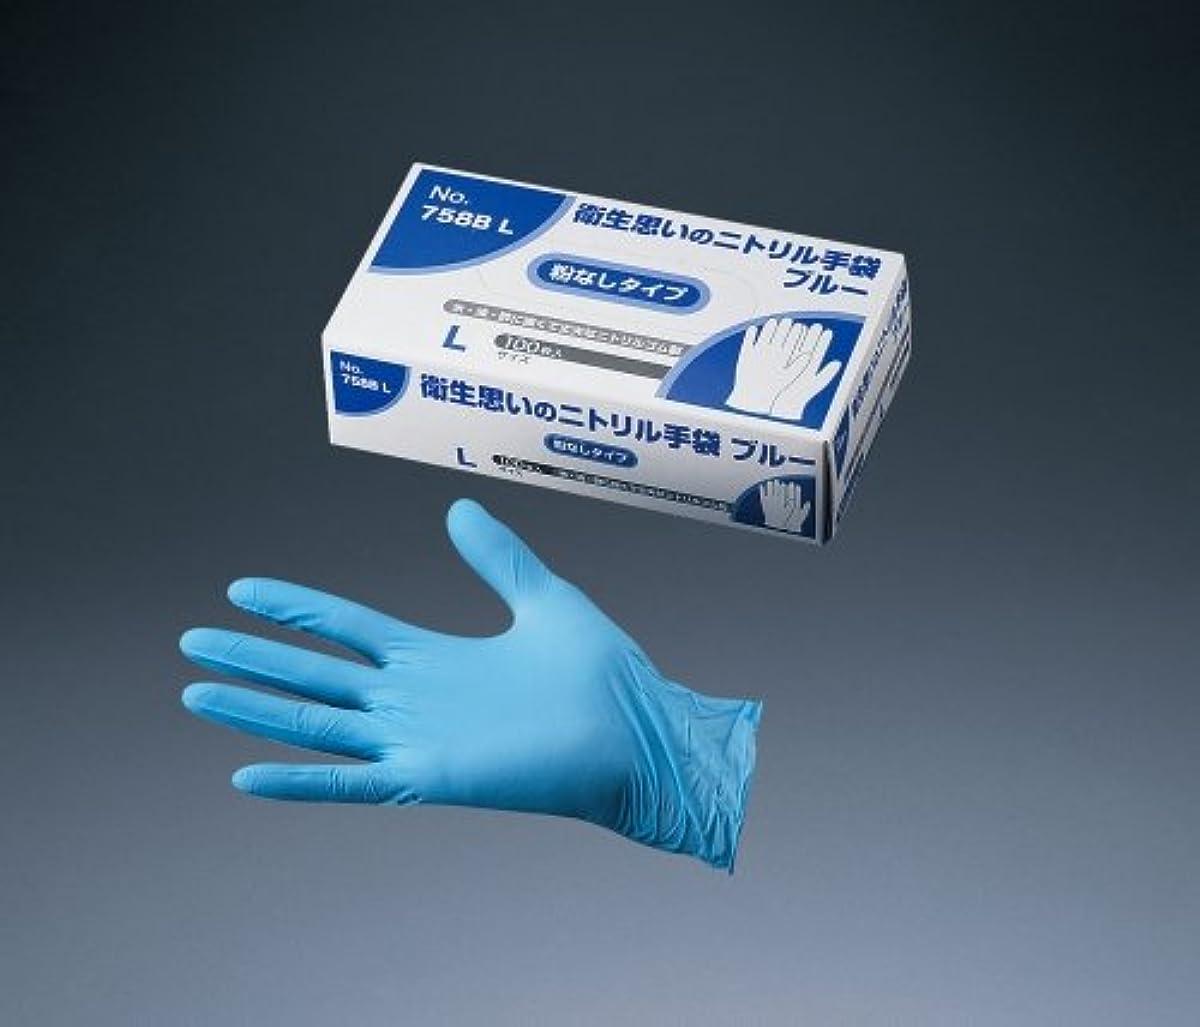 ぜいたくカバレッジ六オカモト 手袋 衛生思いのニトリル(粉なし) NO.758 M ニトリルゴム ブルー STBF002